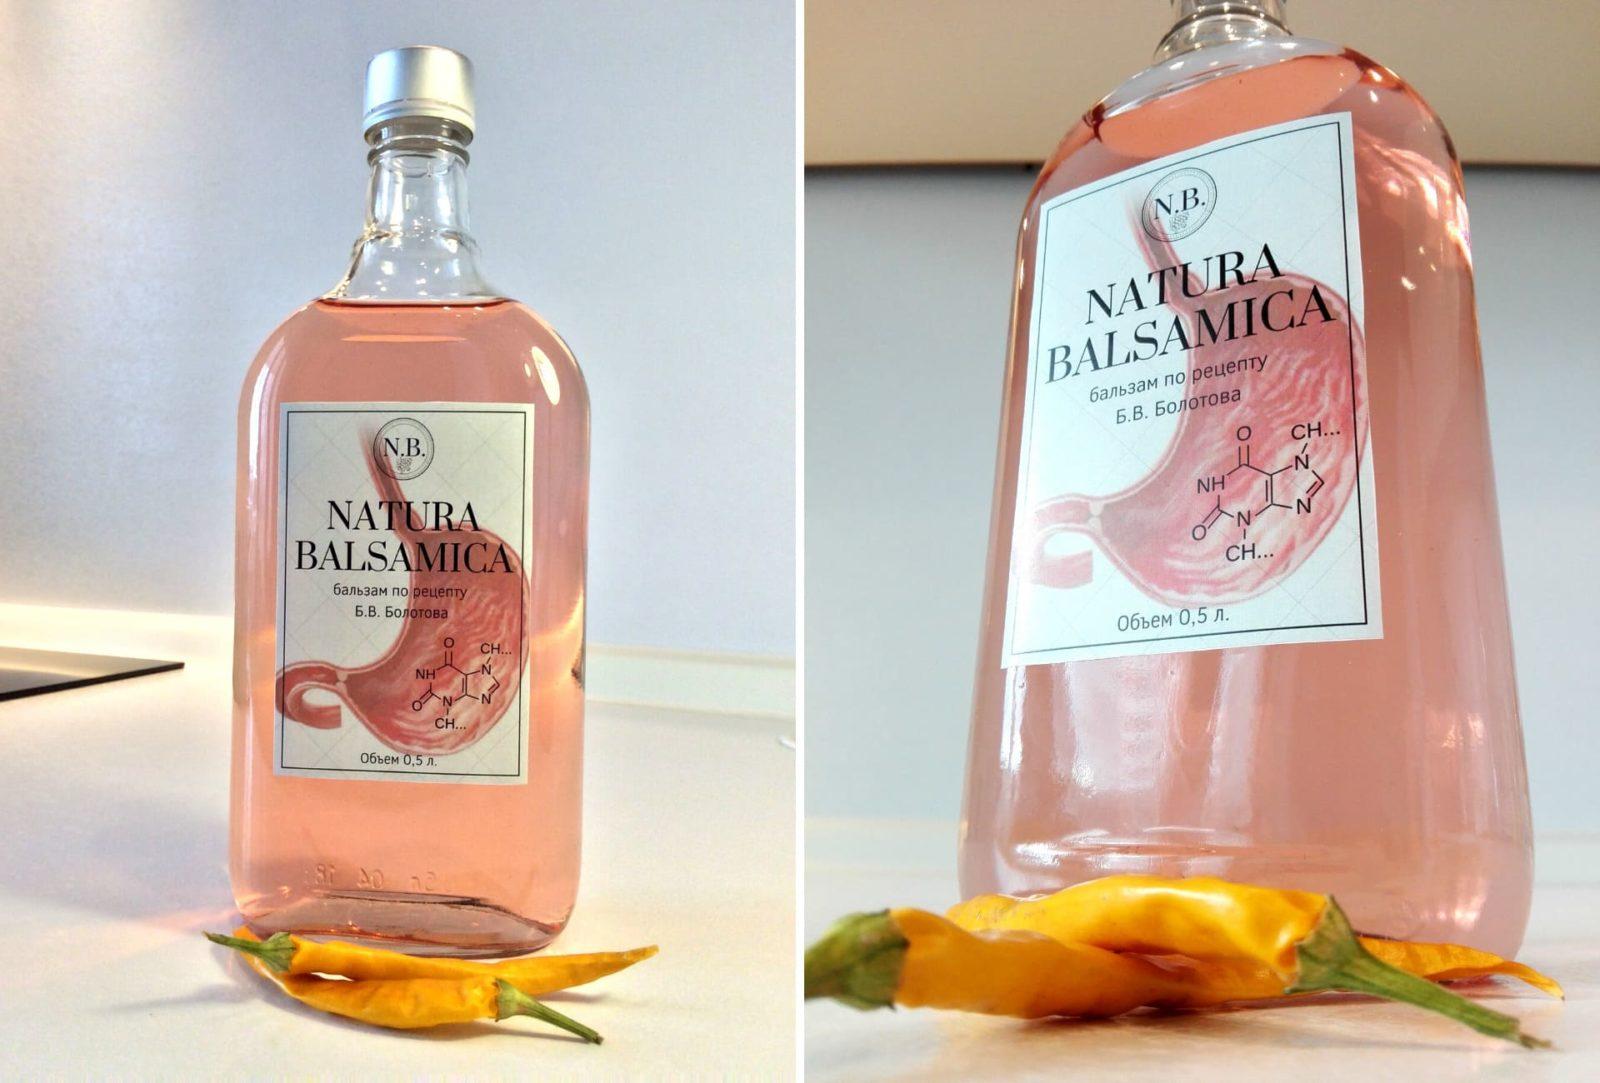 Бальзам по рецепту Болотова Natura Balsamica